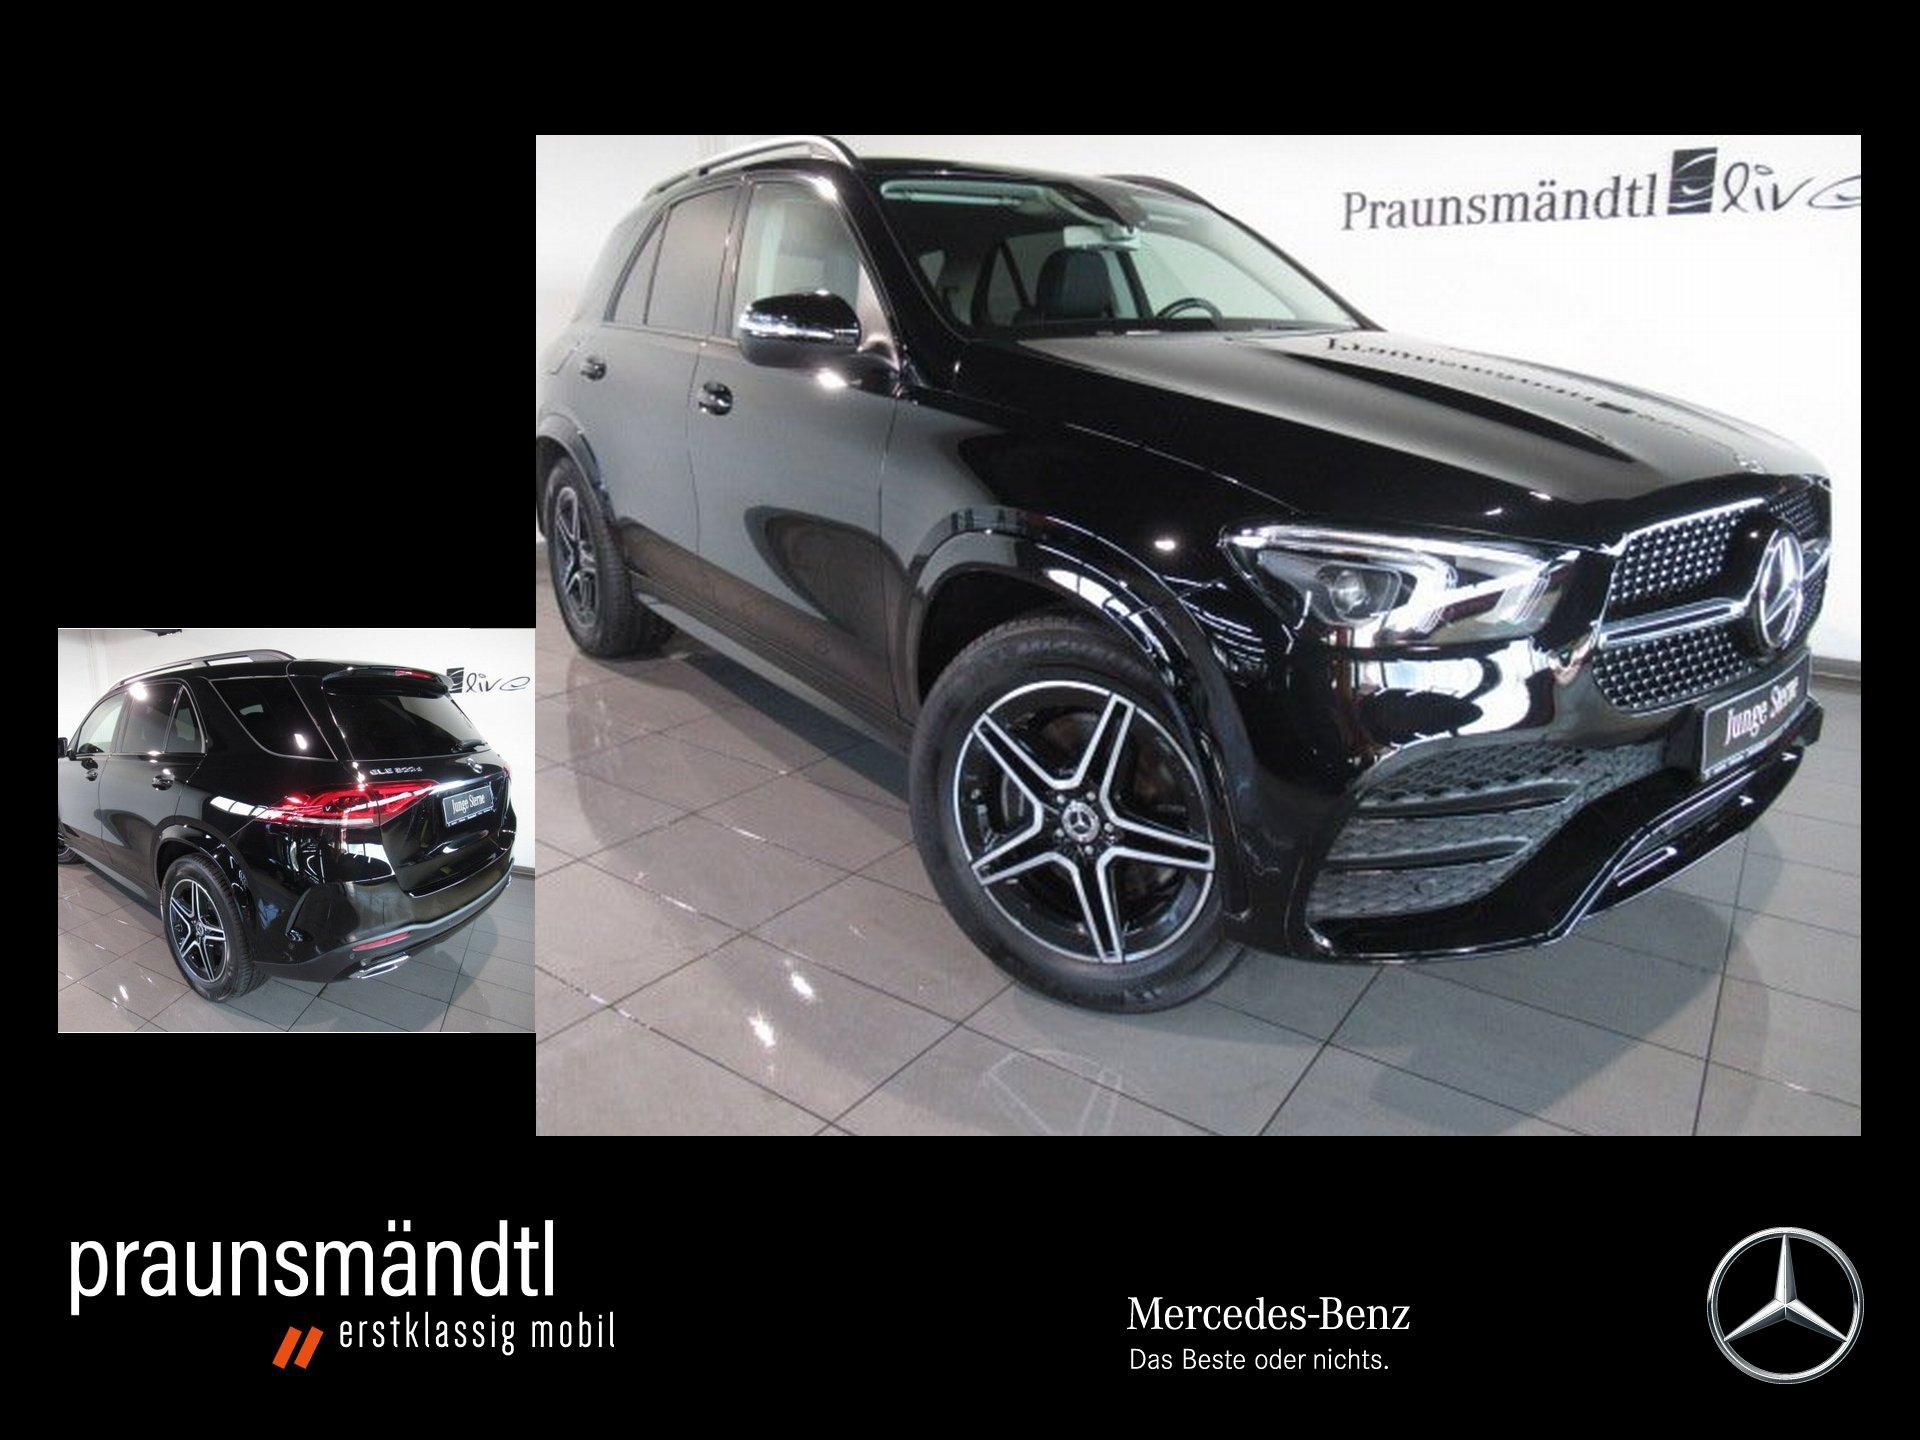 Mercedes-Benz GLE 300 d 4M AMG Night AHK/Widescr/Kamera/7-Sitz, Jahr 2019, Diesel